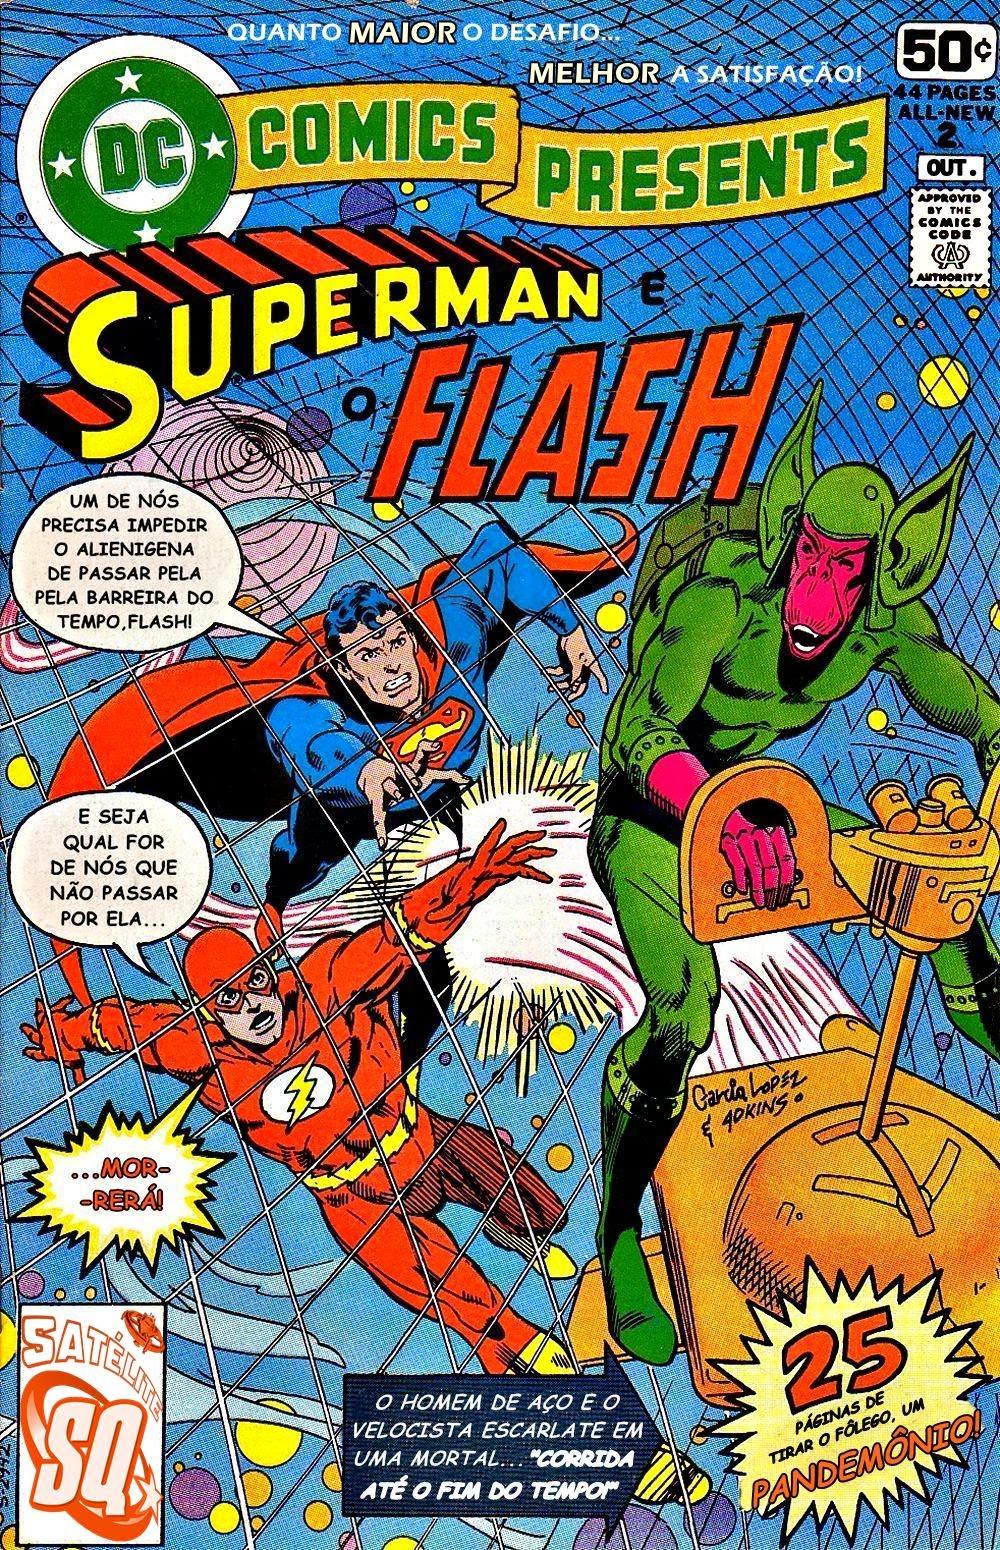 SUPERMAN E FLASH (DC COMICS PRESENTS SUPERMAN AND FLASH)